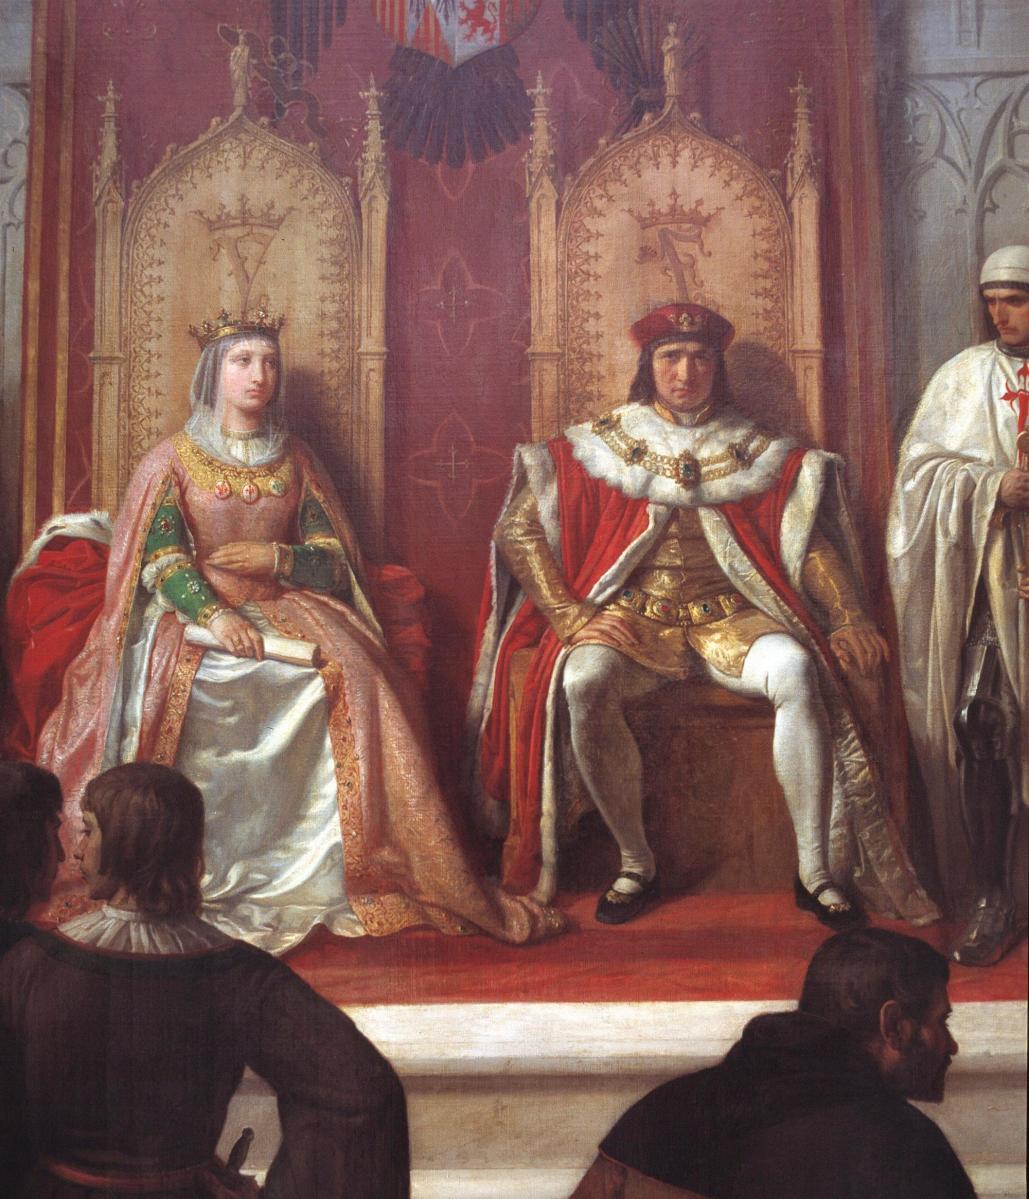 """ENTREVISTA A RAFAEL MOLINA: """"Para los Reyes Católicos era impensable ser """"neutrales"""" en materia religiosa"""